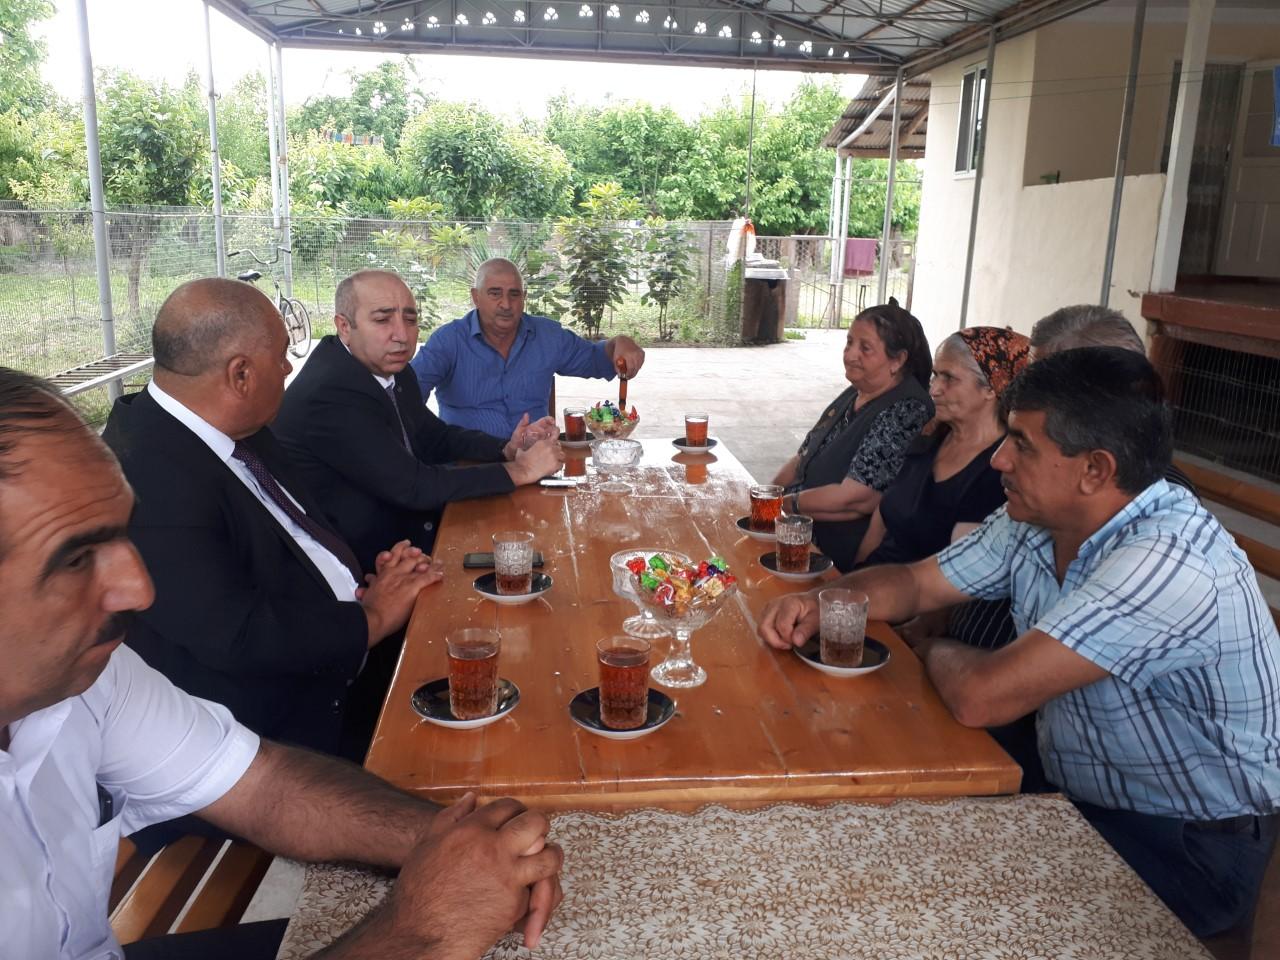 İcra Başçısı Milli Qəhrəman Zabit Quliyevin anasını ziyarət edib - Foto